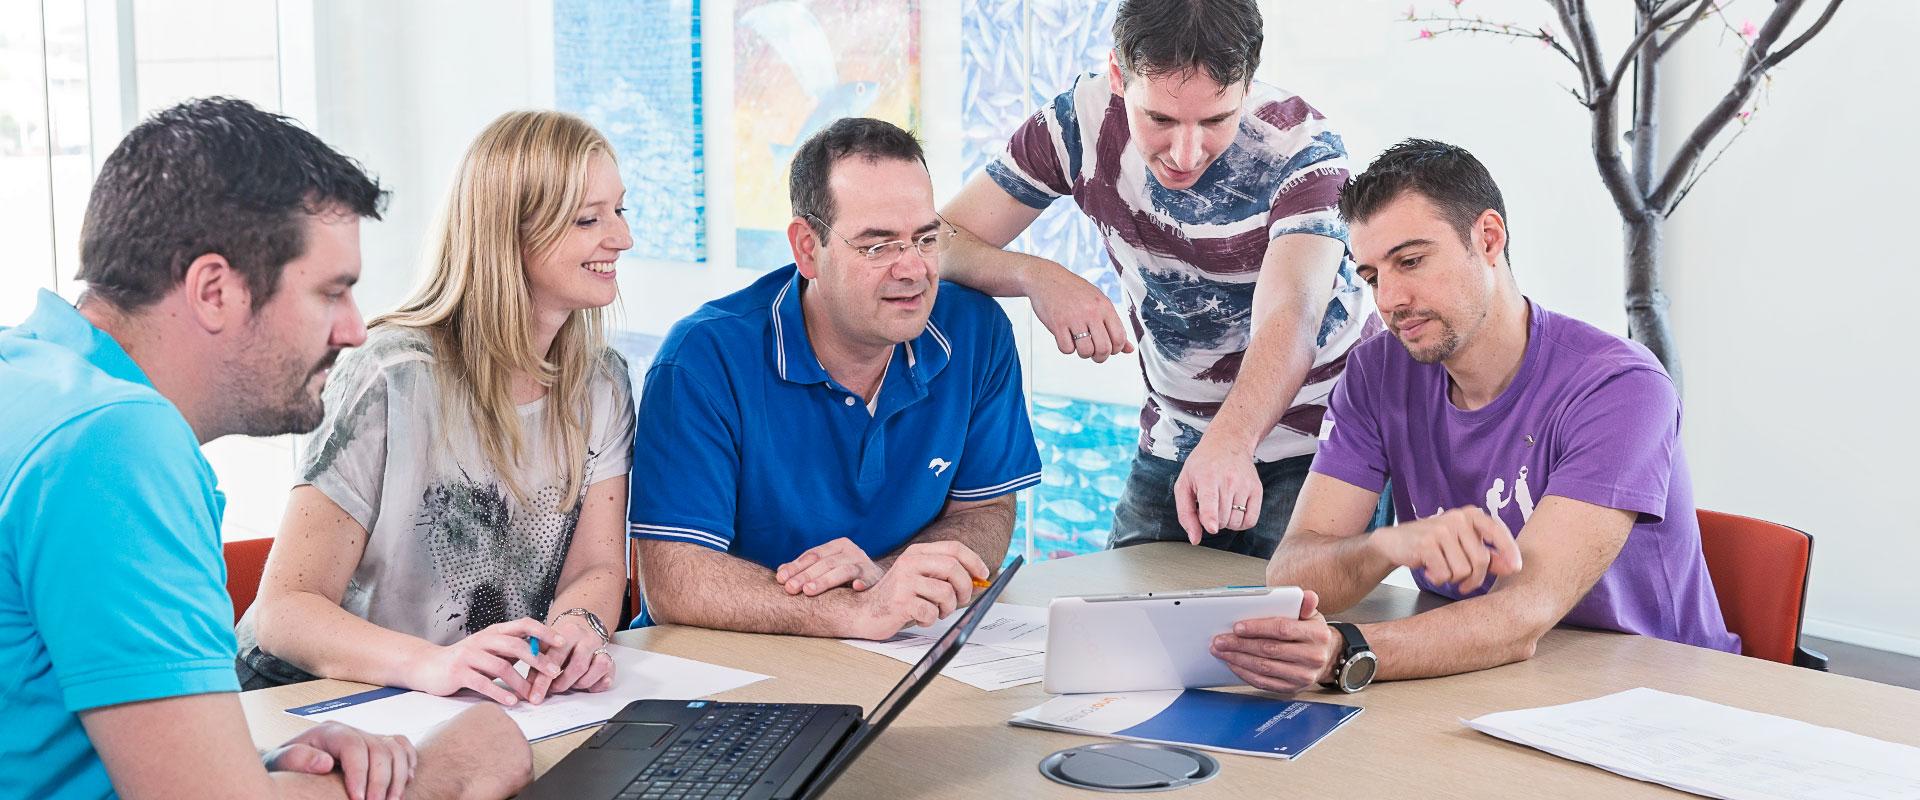 CGN punta sulla collaborazione di ogni indispensabile membro del gruppo di lavoro